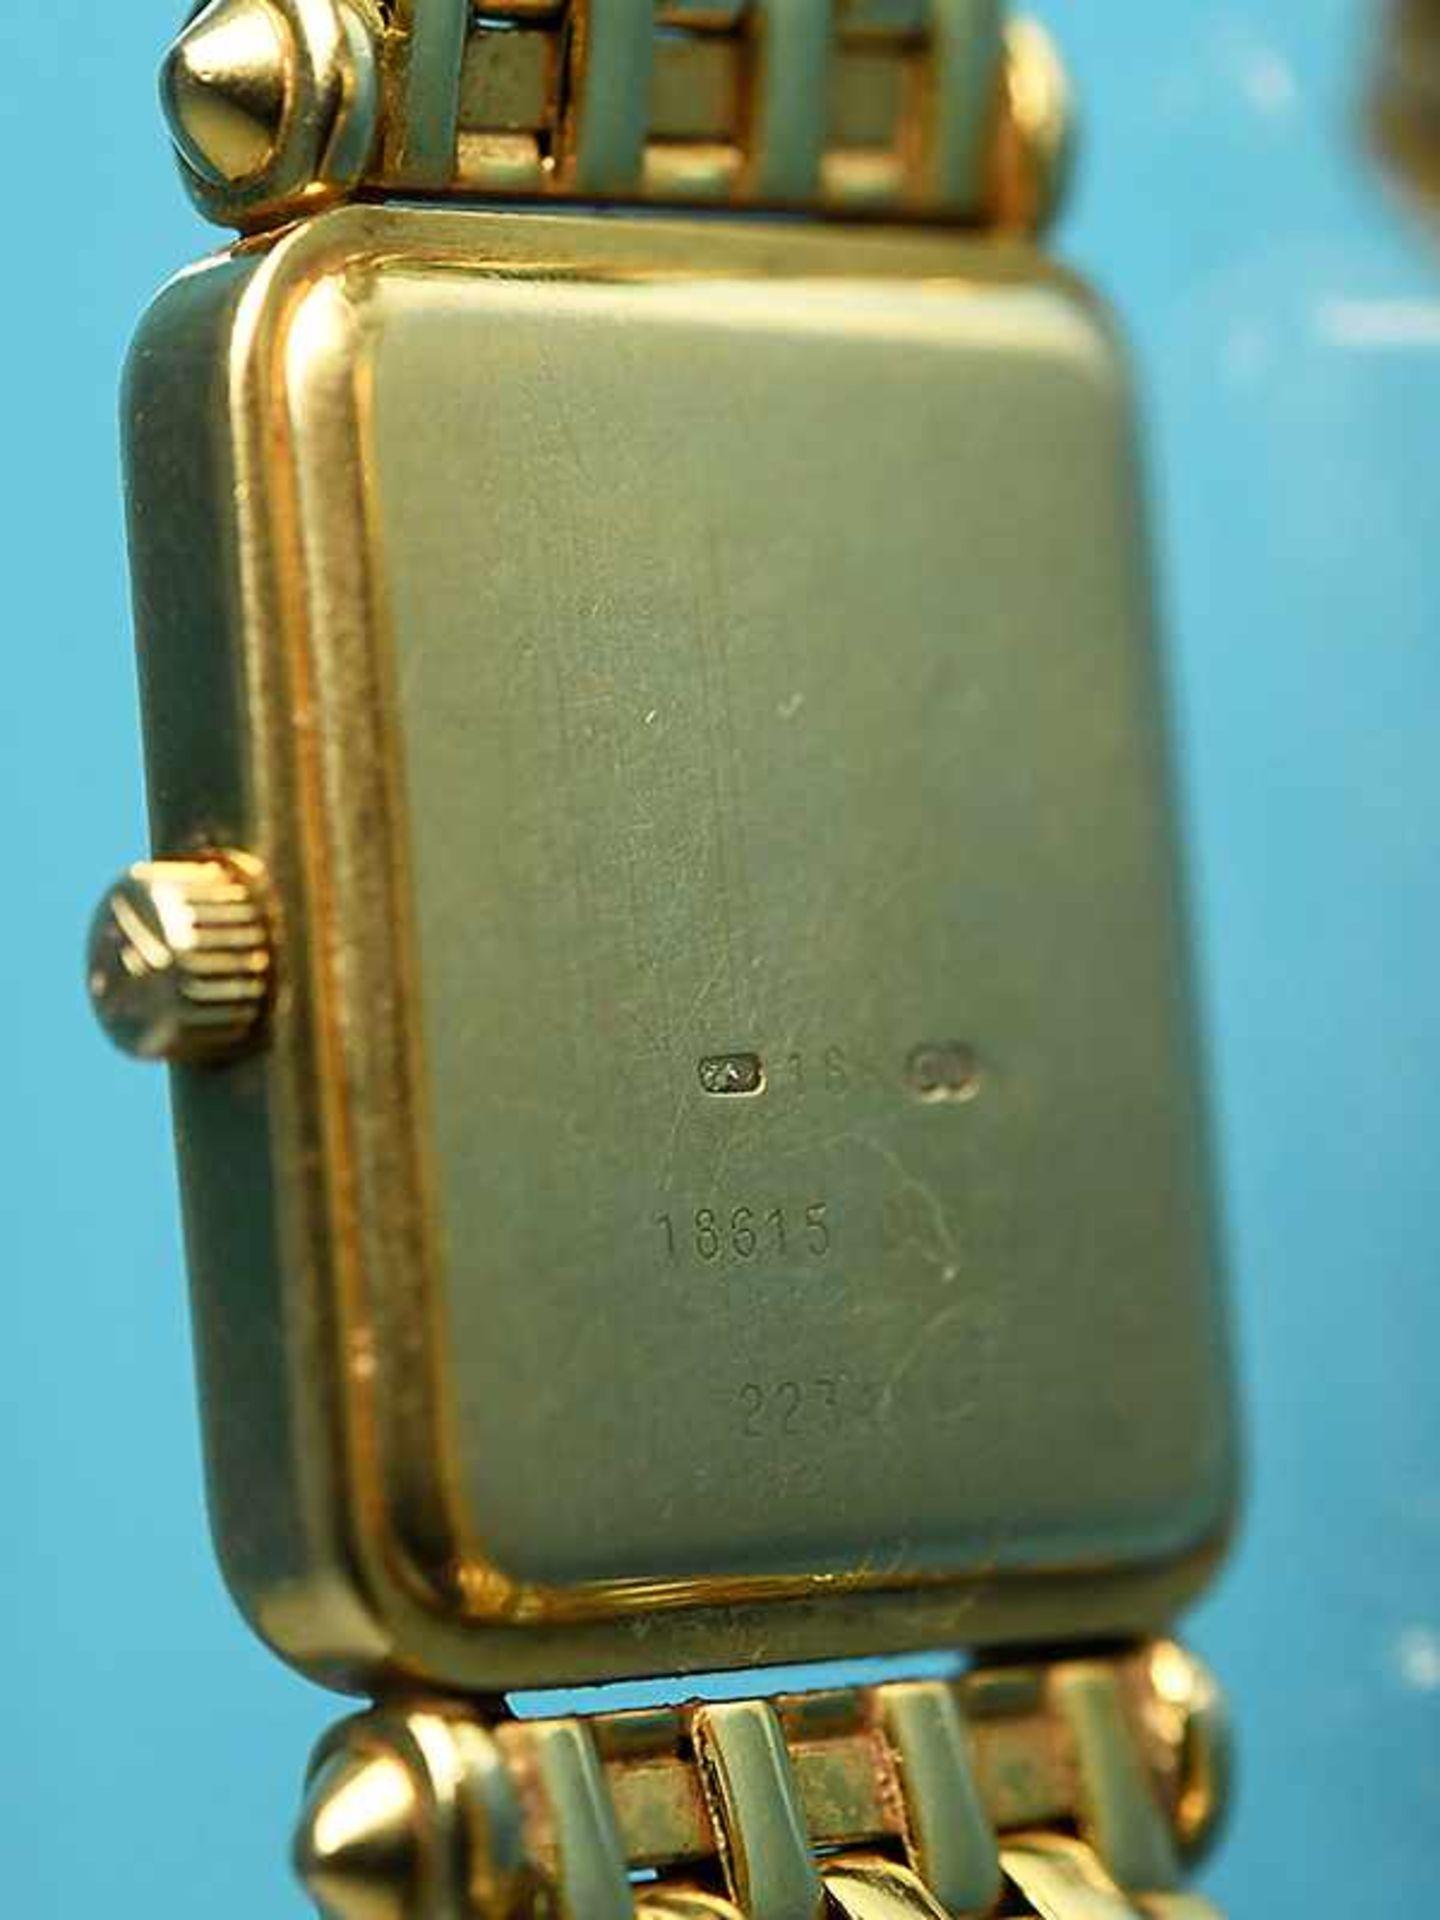 Damenarmbanduhr mit Brillanten, zusammen ca. 0,5 ct, bezeichnet Baume & Mercier, Geneve, 20. Jh. - Bild 4 aus 7